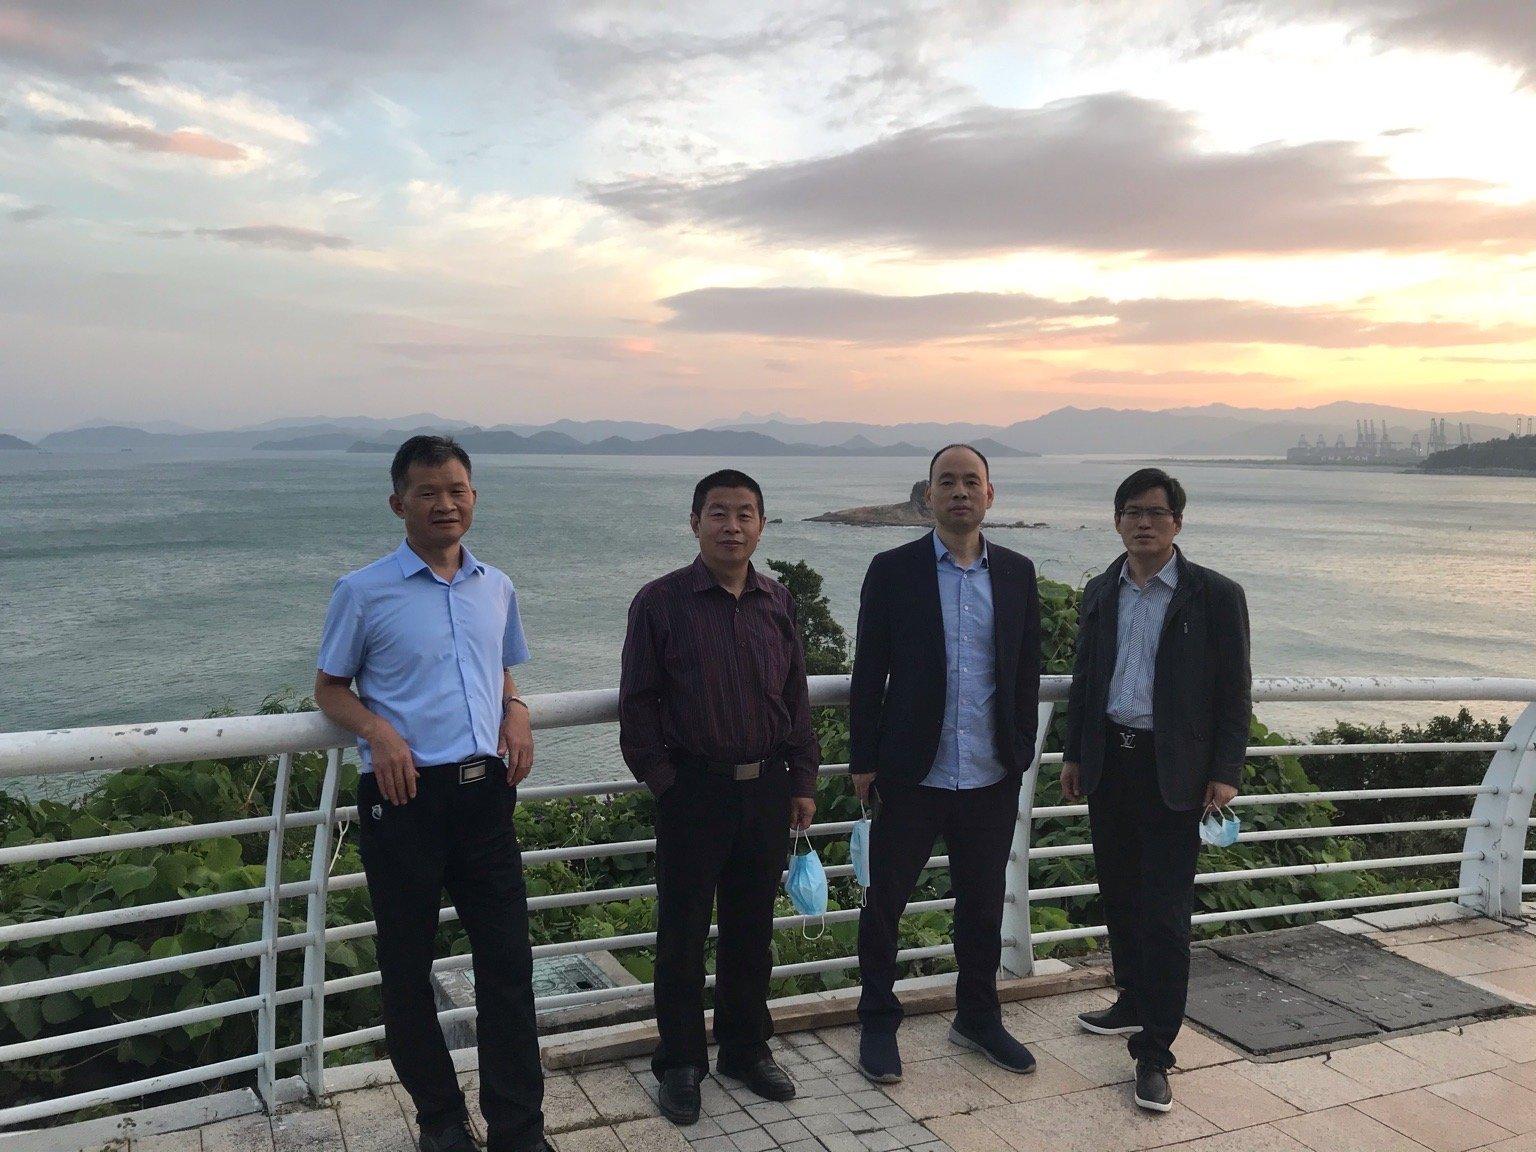 近日,再有幾位家屬委託的大陸律師到深圳鹽田區看守所要求會面,仍然被拒。律師們對看守所進行了投訴。(律師提供)